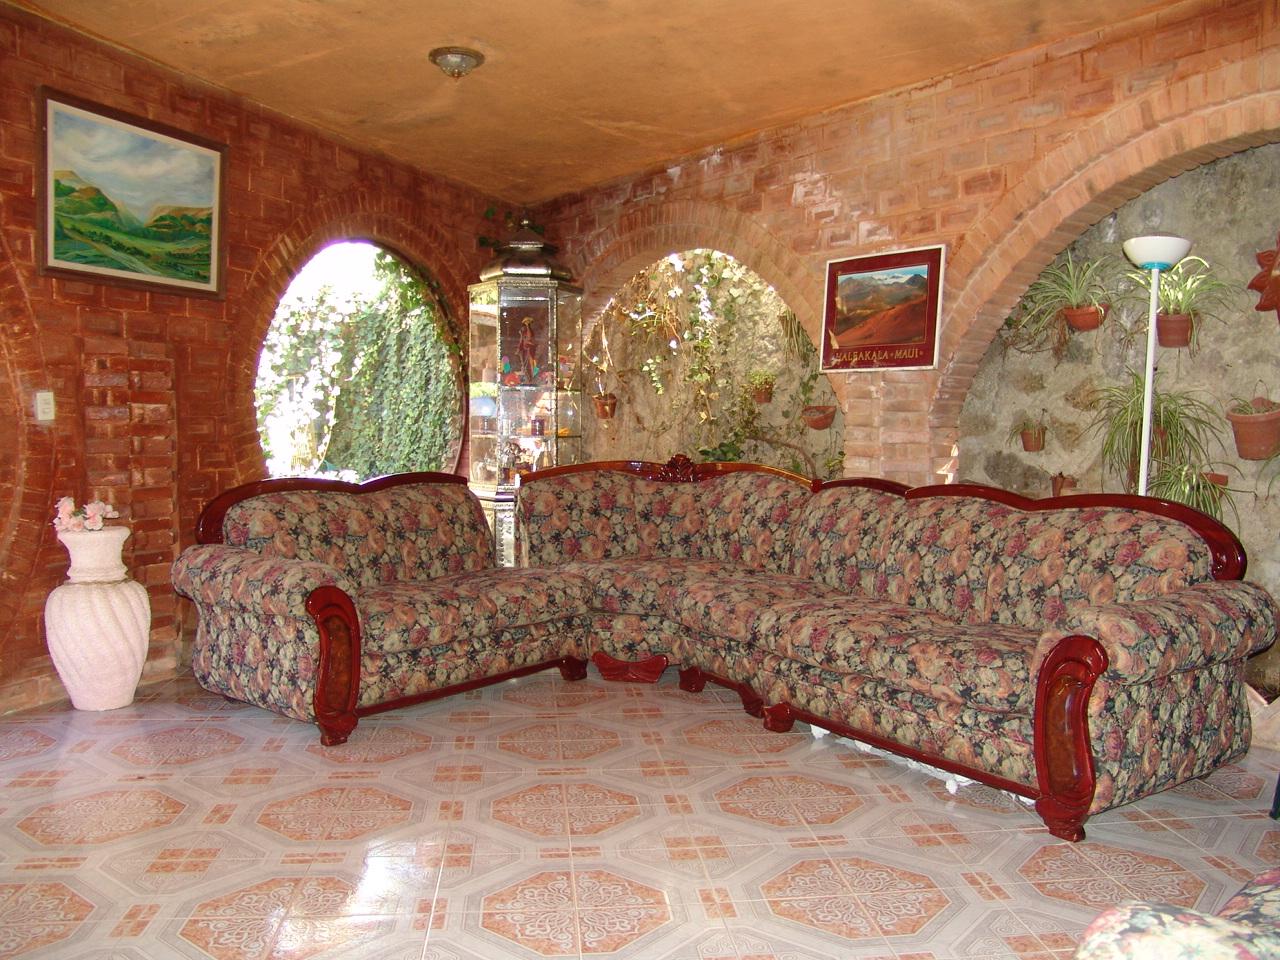 decoracion de interiores rustica mexicana:Centro de Retiros Serlingpa. Vacaciones para el Alma.